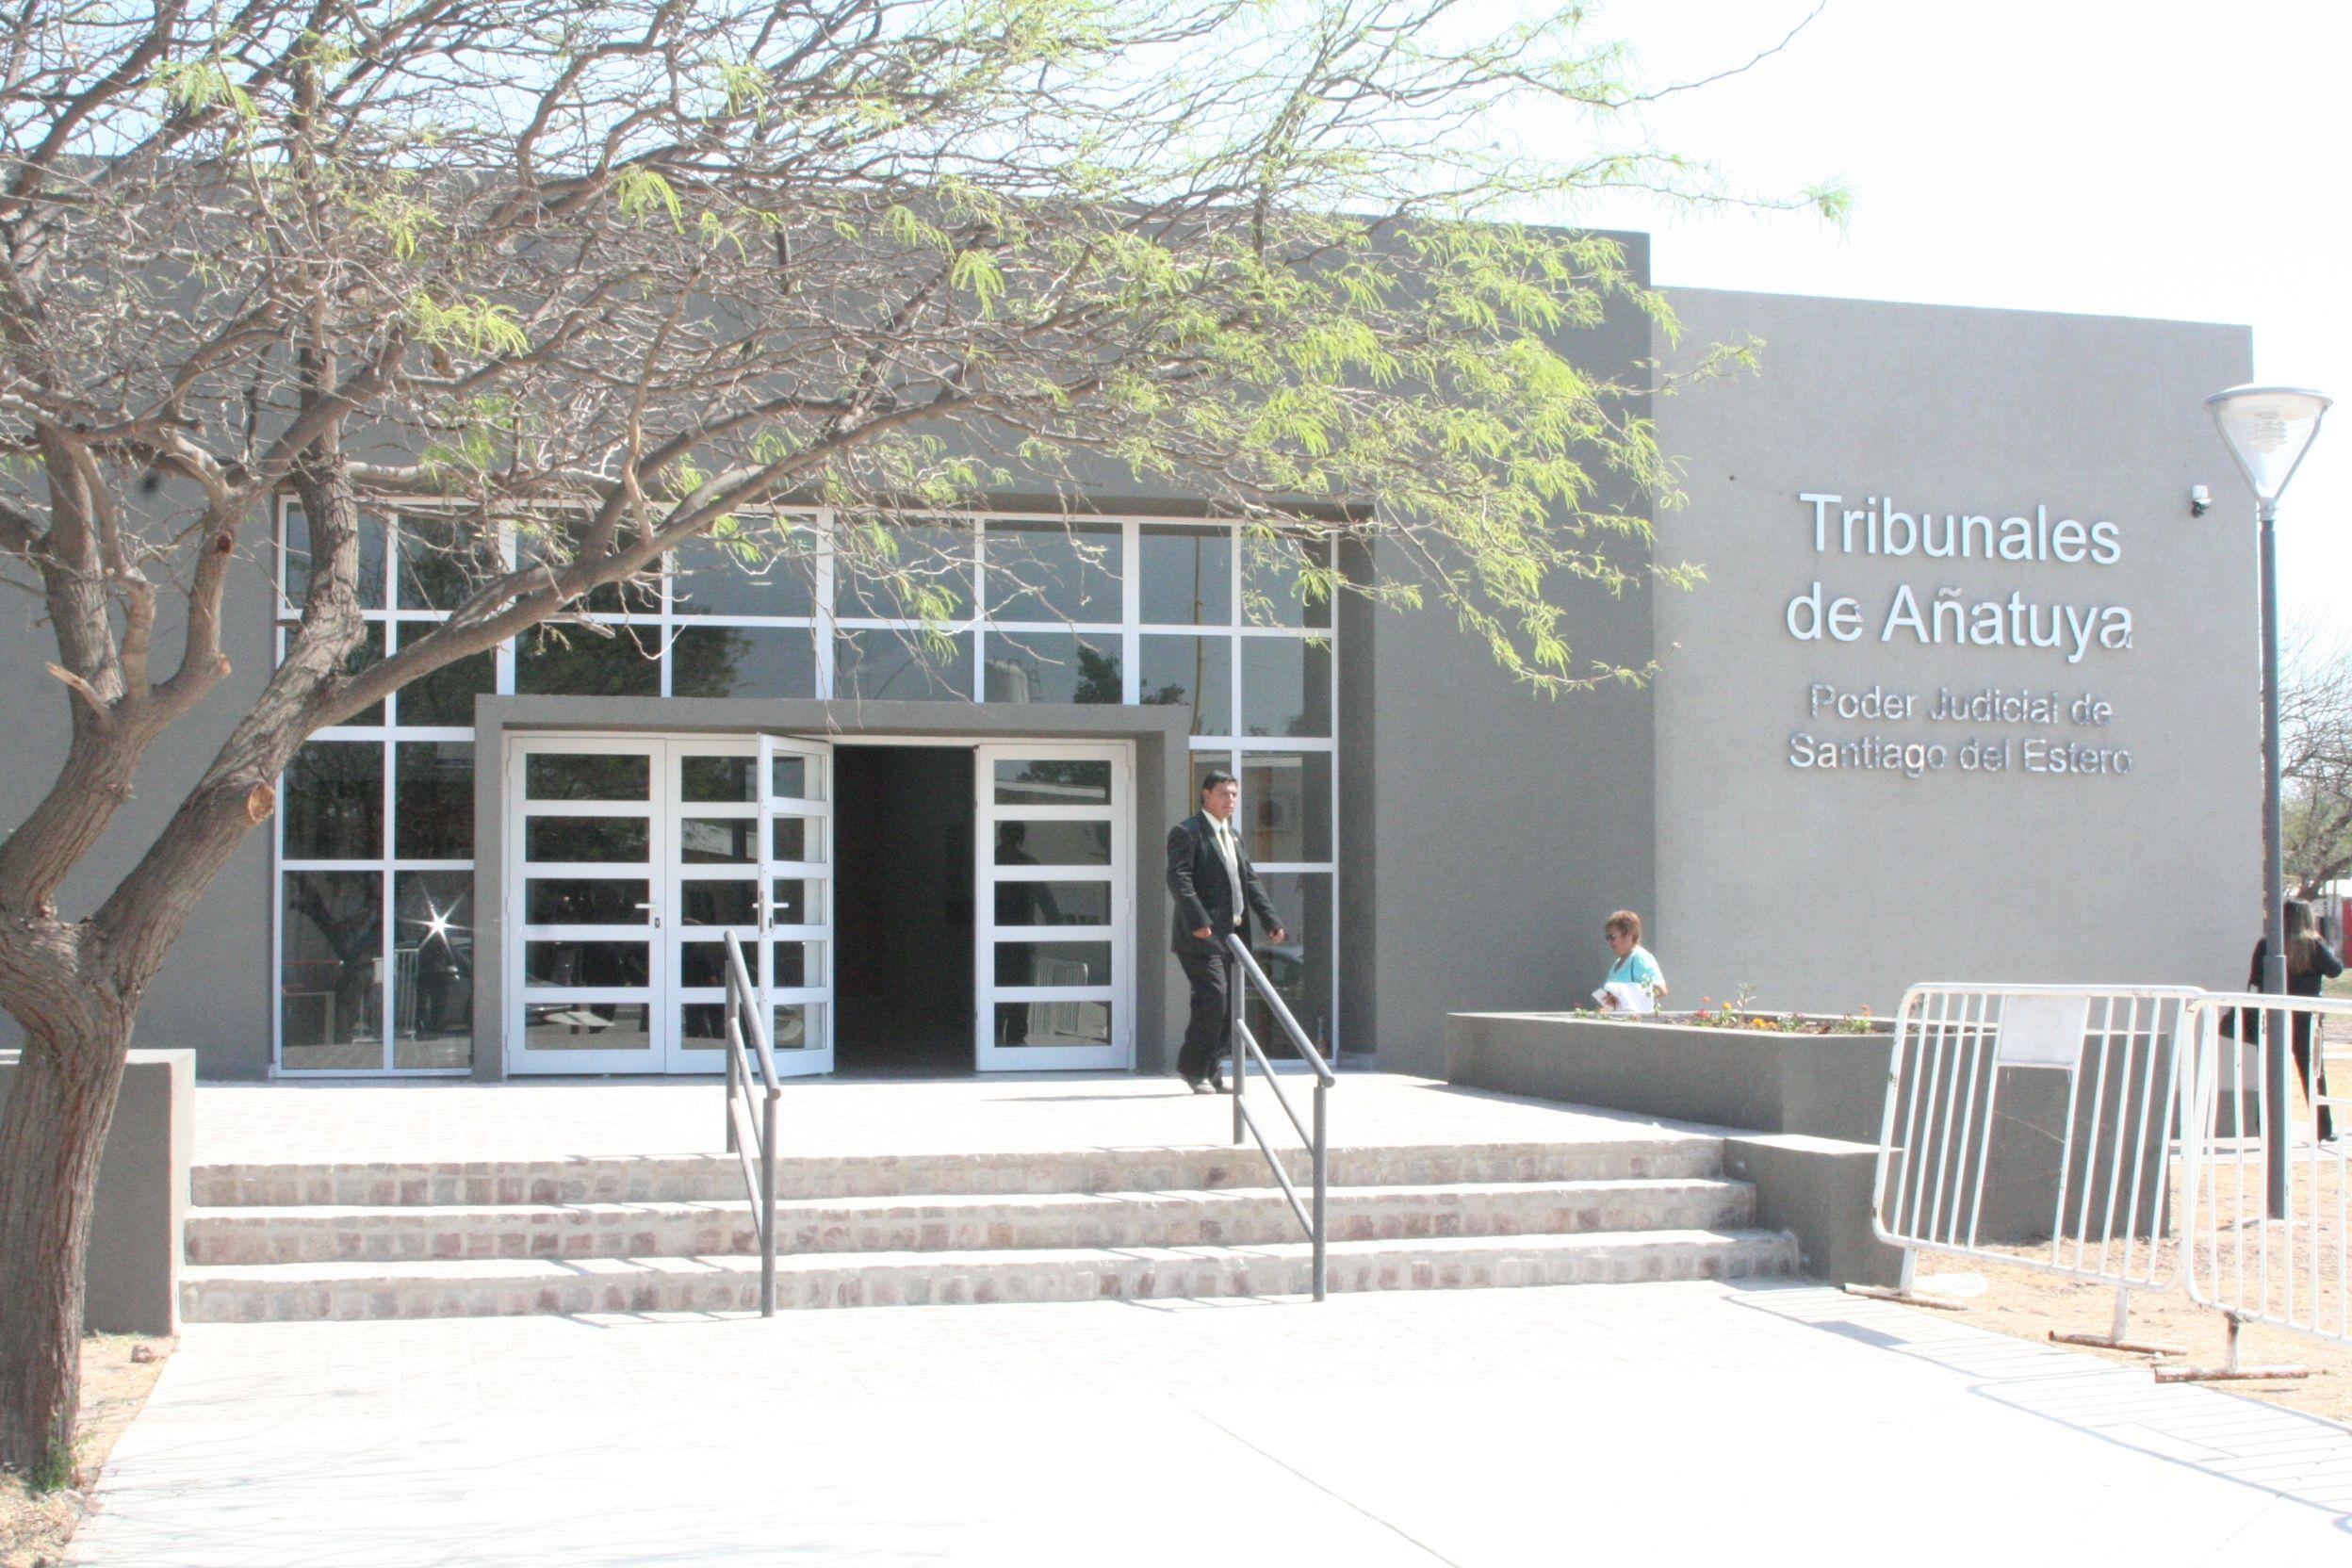 El caso quedó a cargo de la Fiscalía de Añatuya